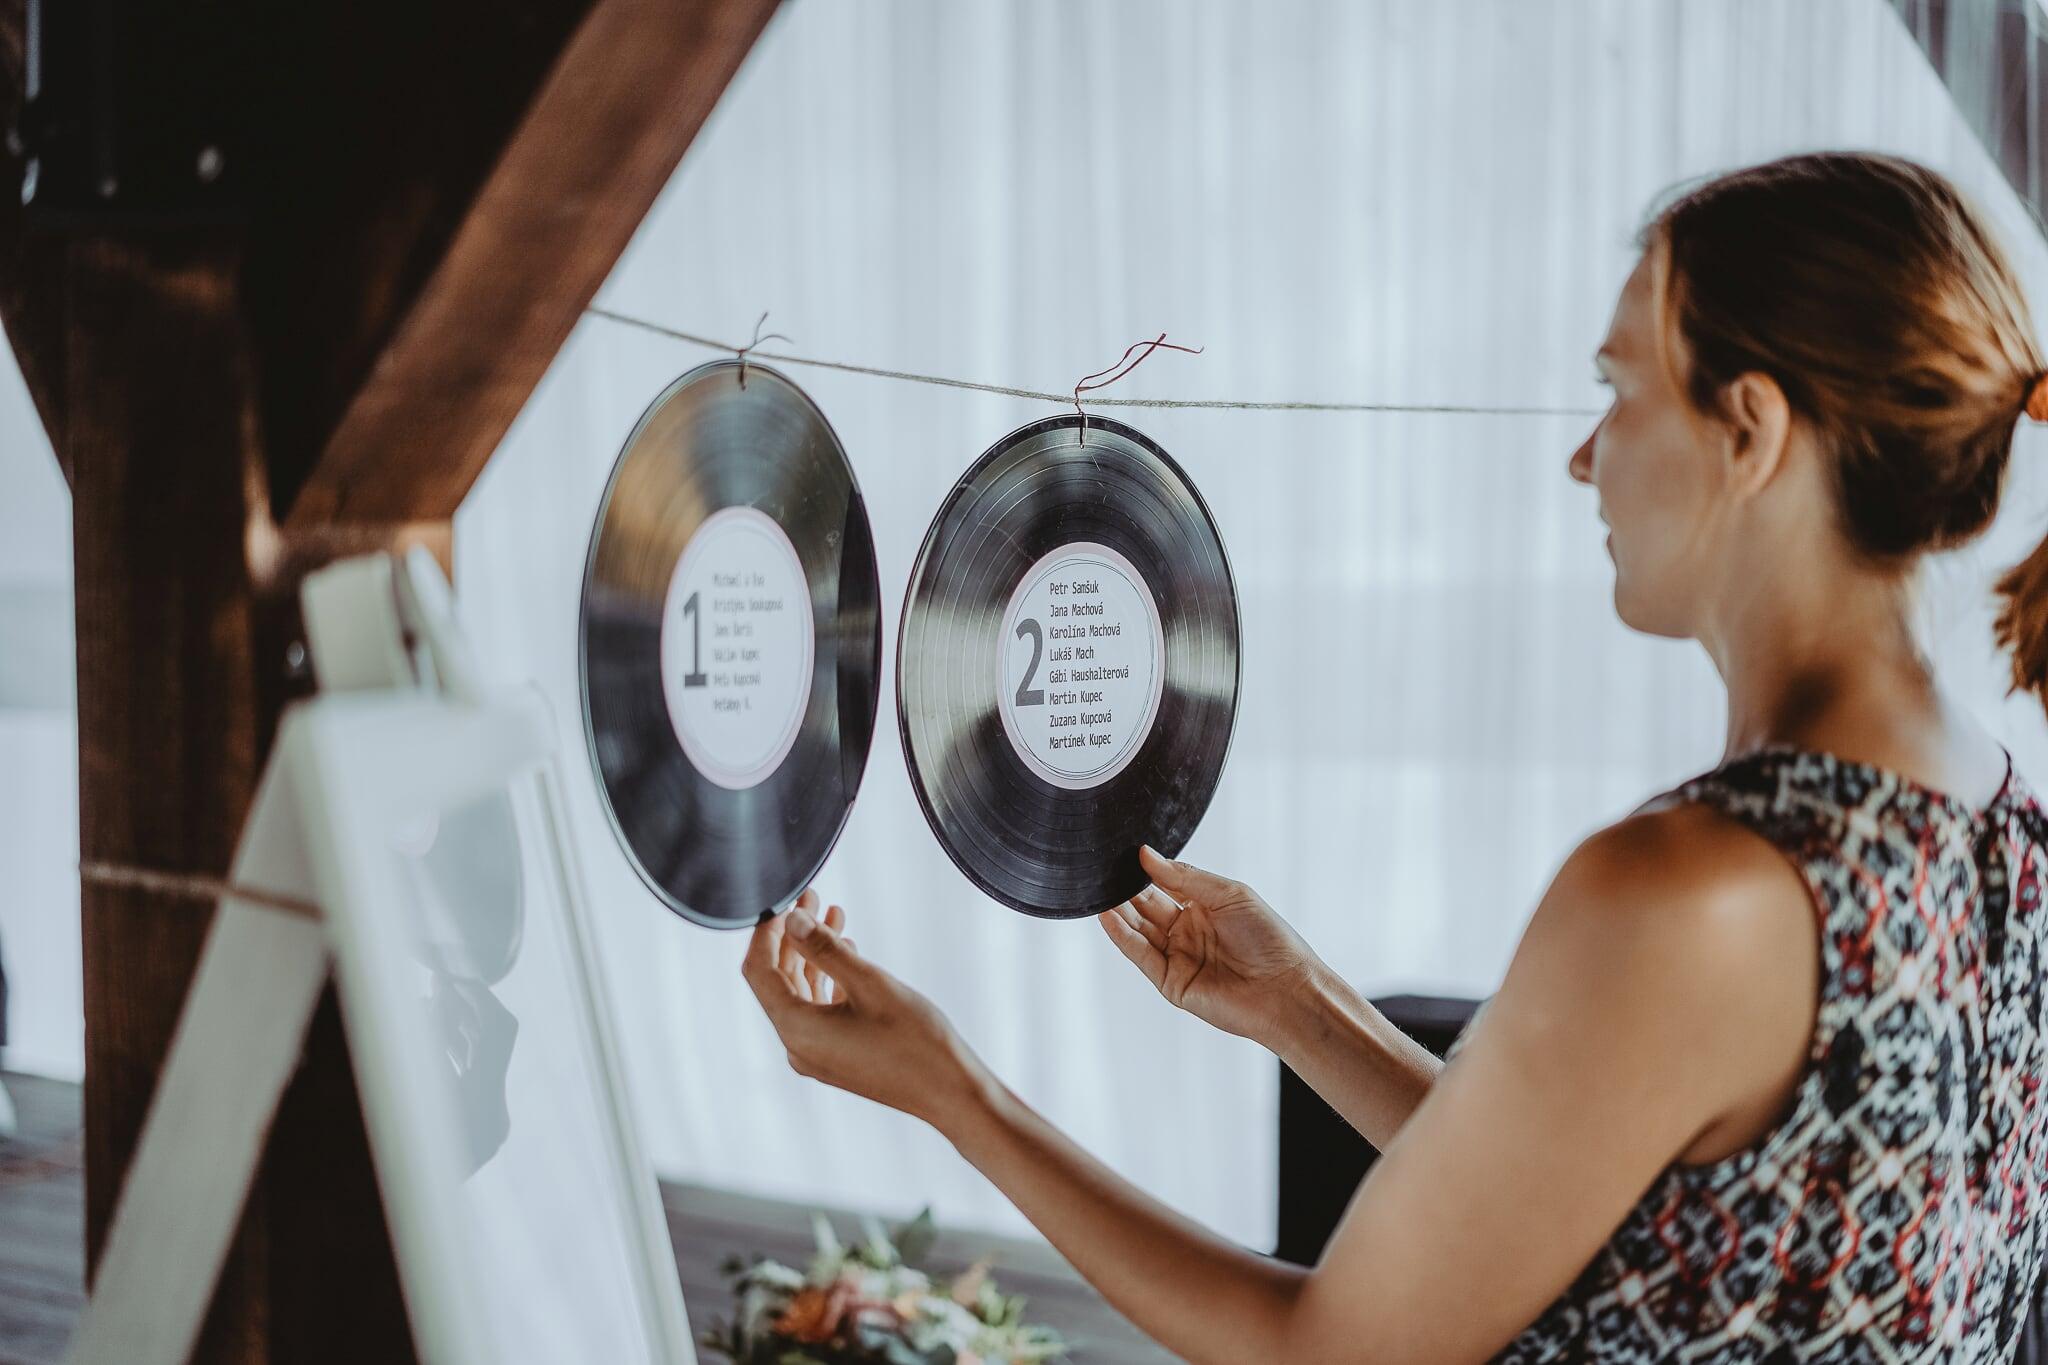 Svatba ve stylu Beatles